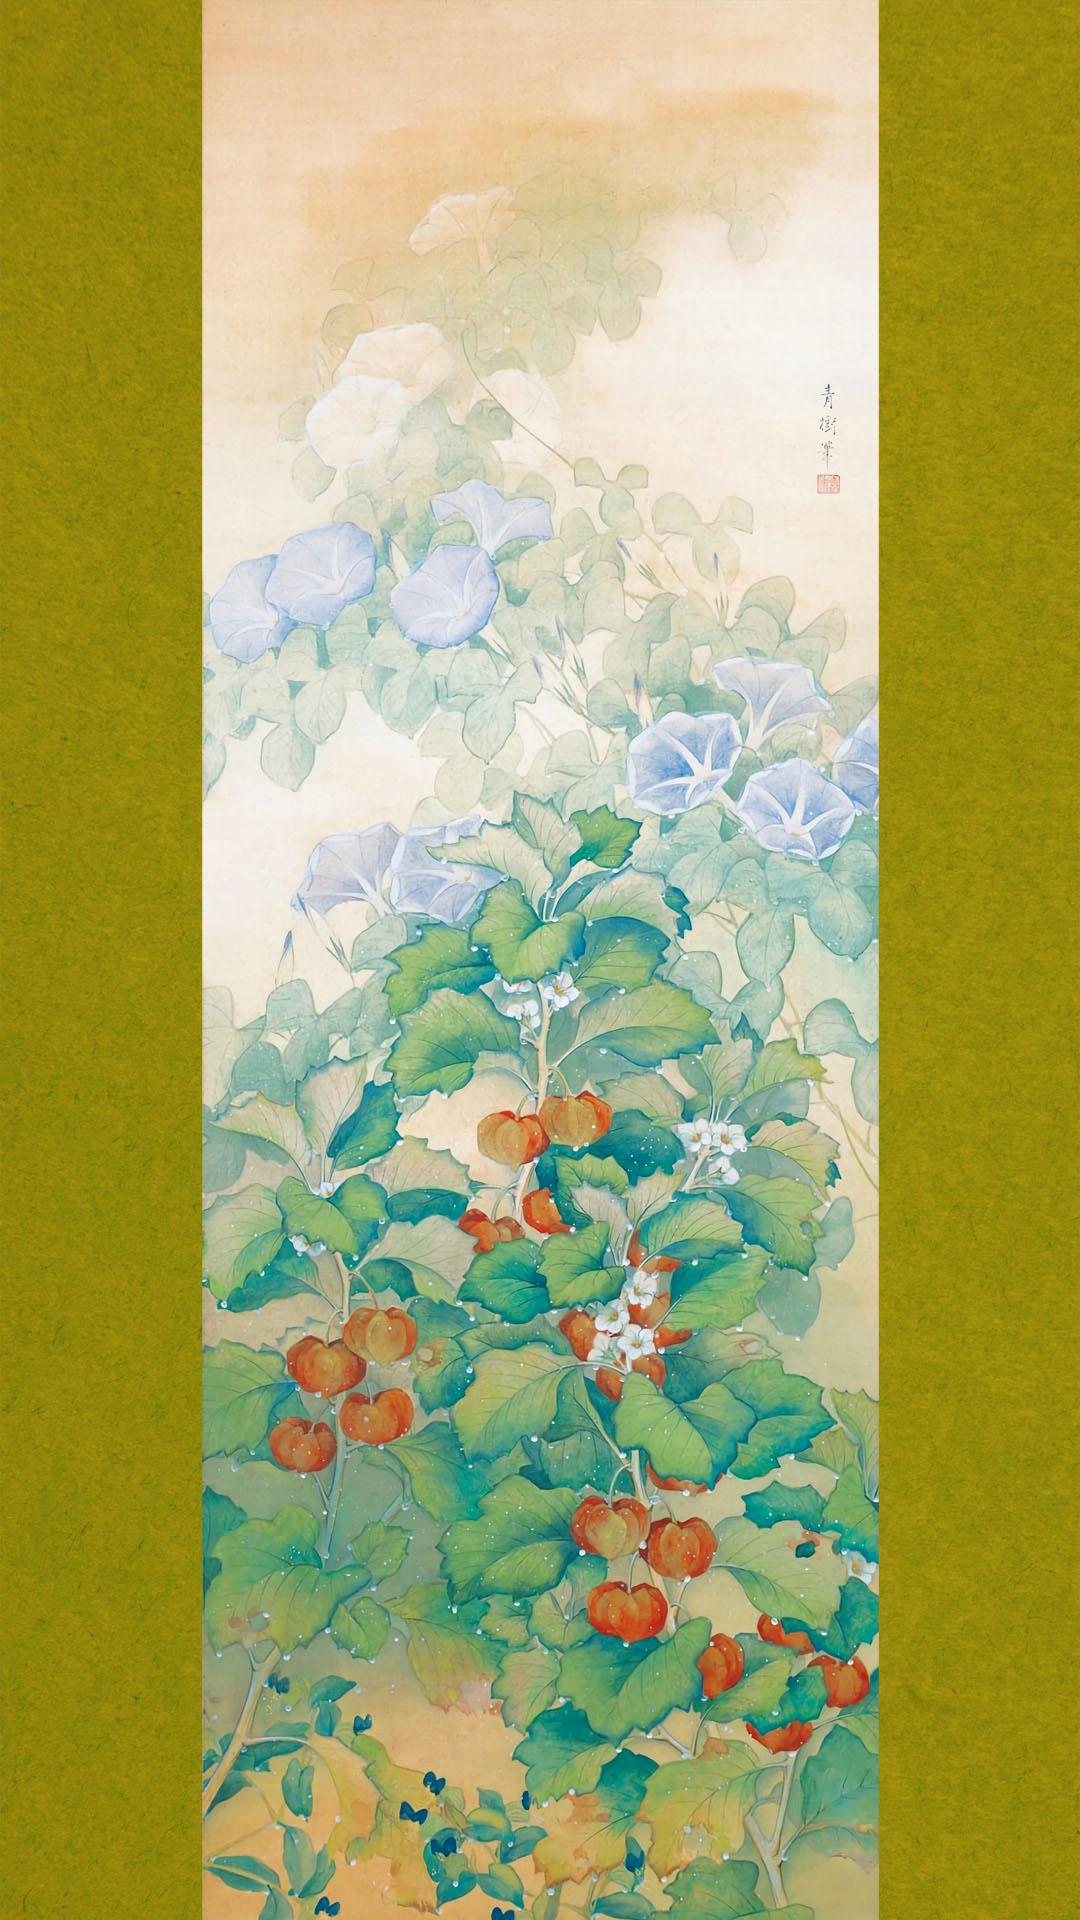 Omoda Seiju - Asatsuyu 1080x1920 2